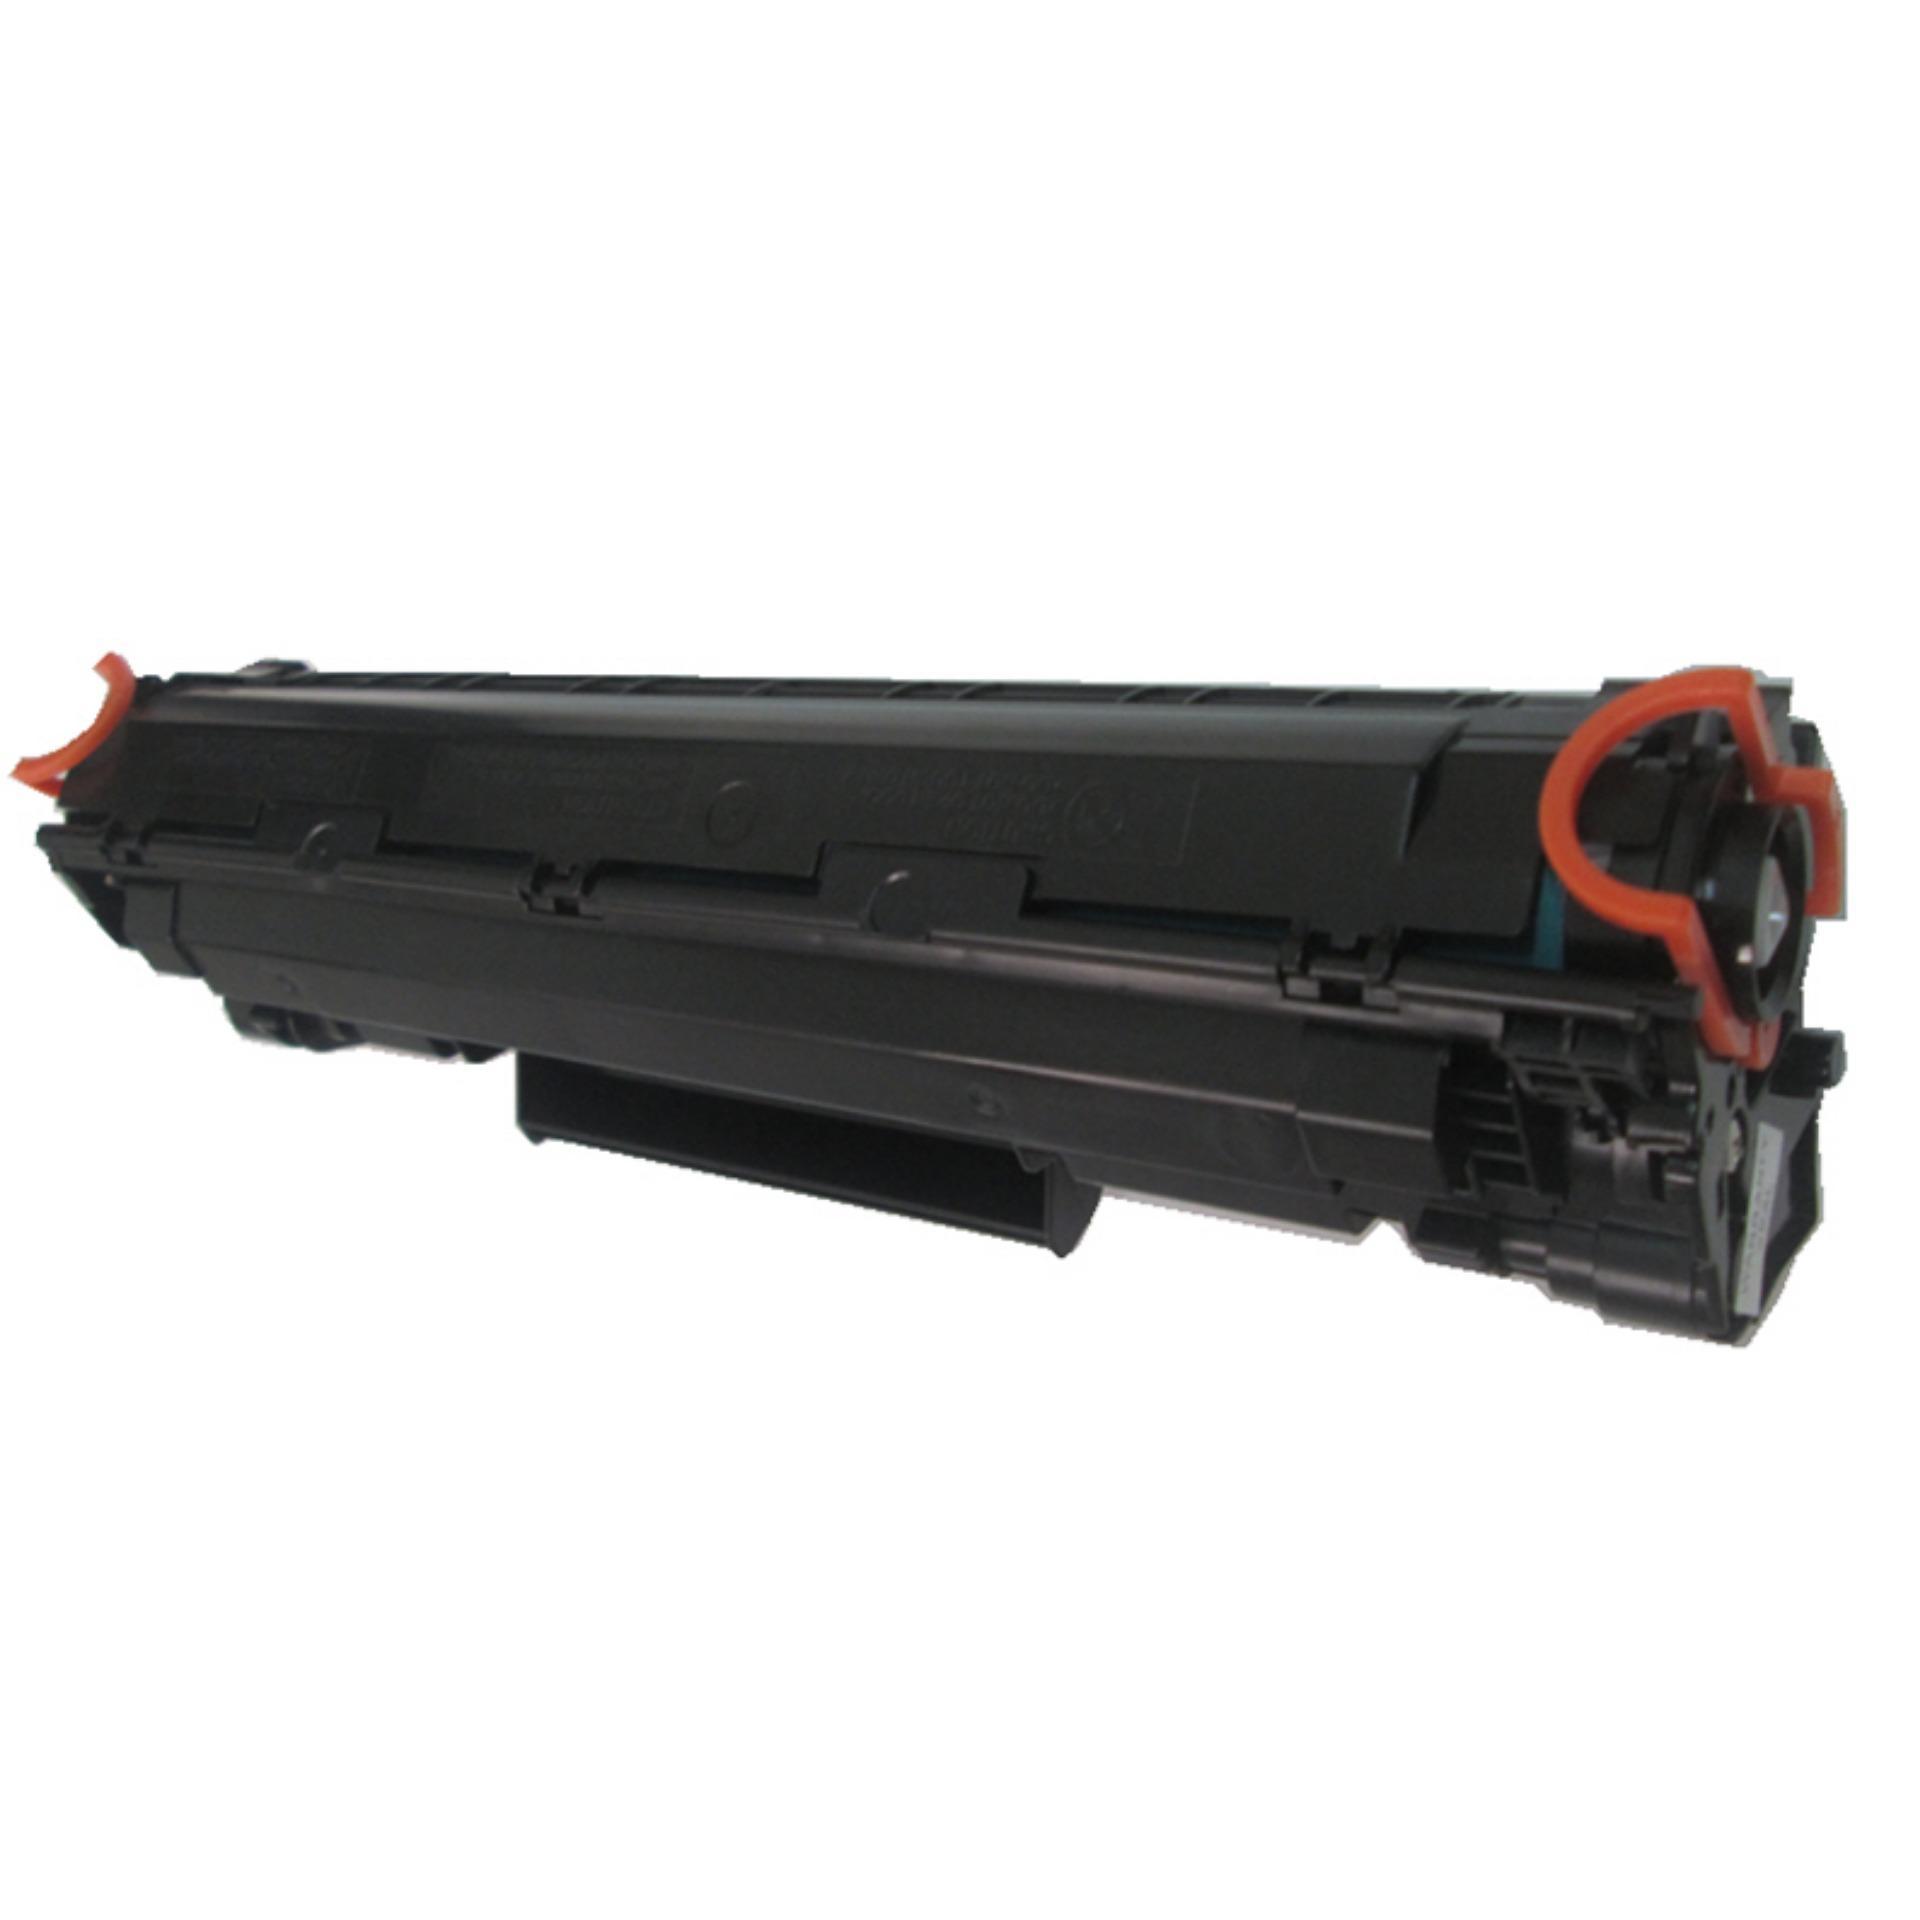 Hình ảnh Hộp mực Canon 328 cho máy Fax Canon L170, L150